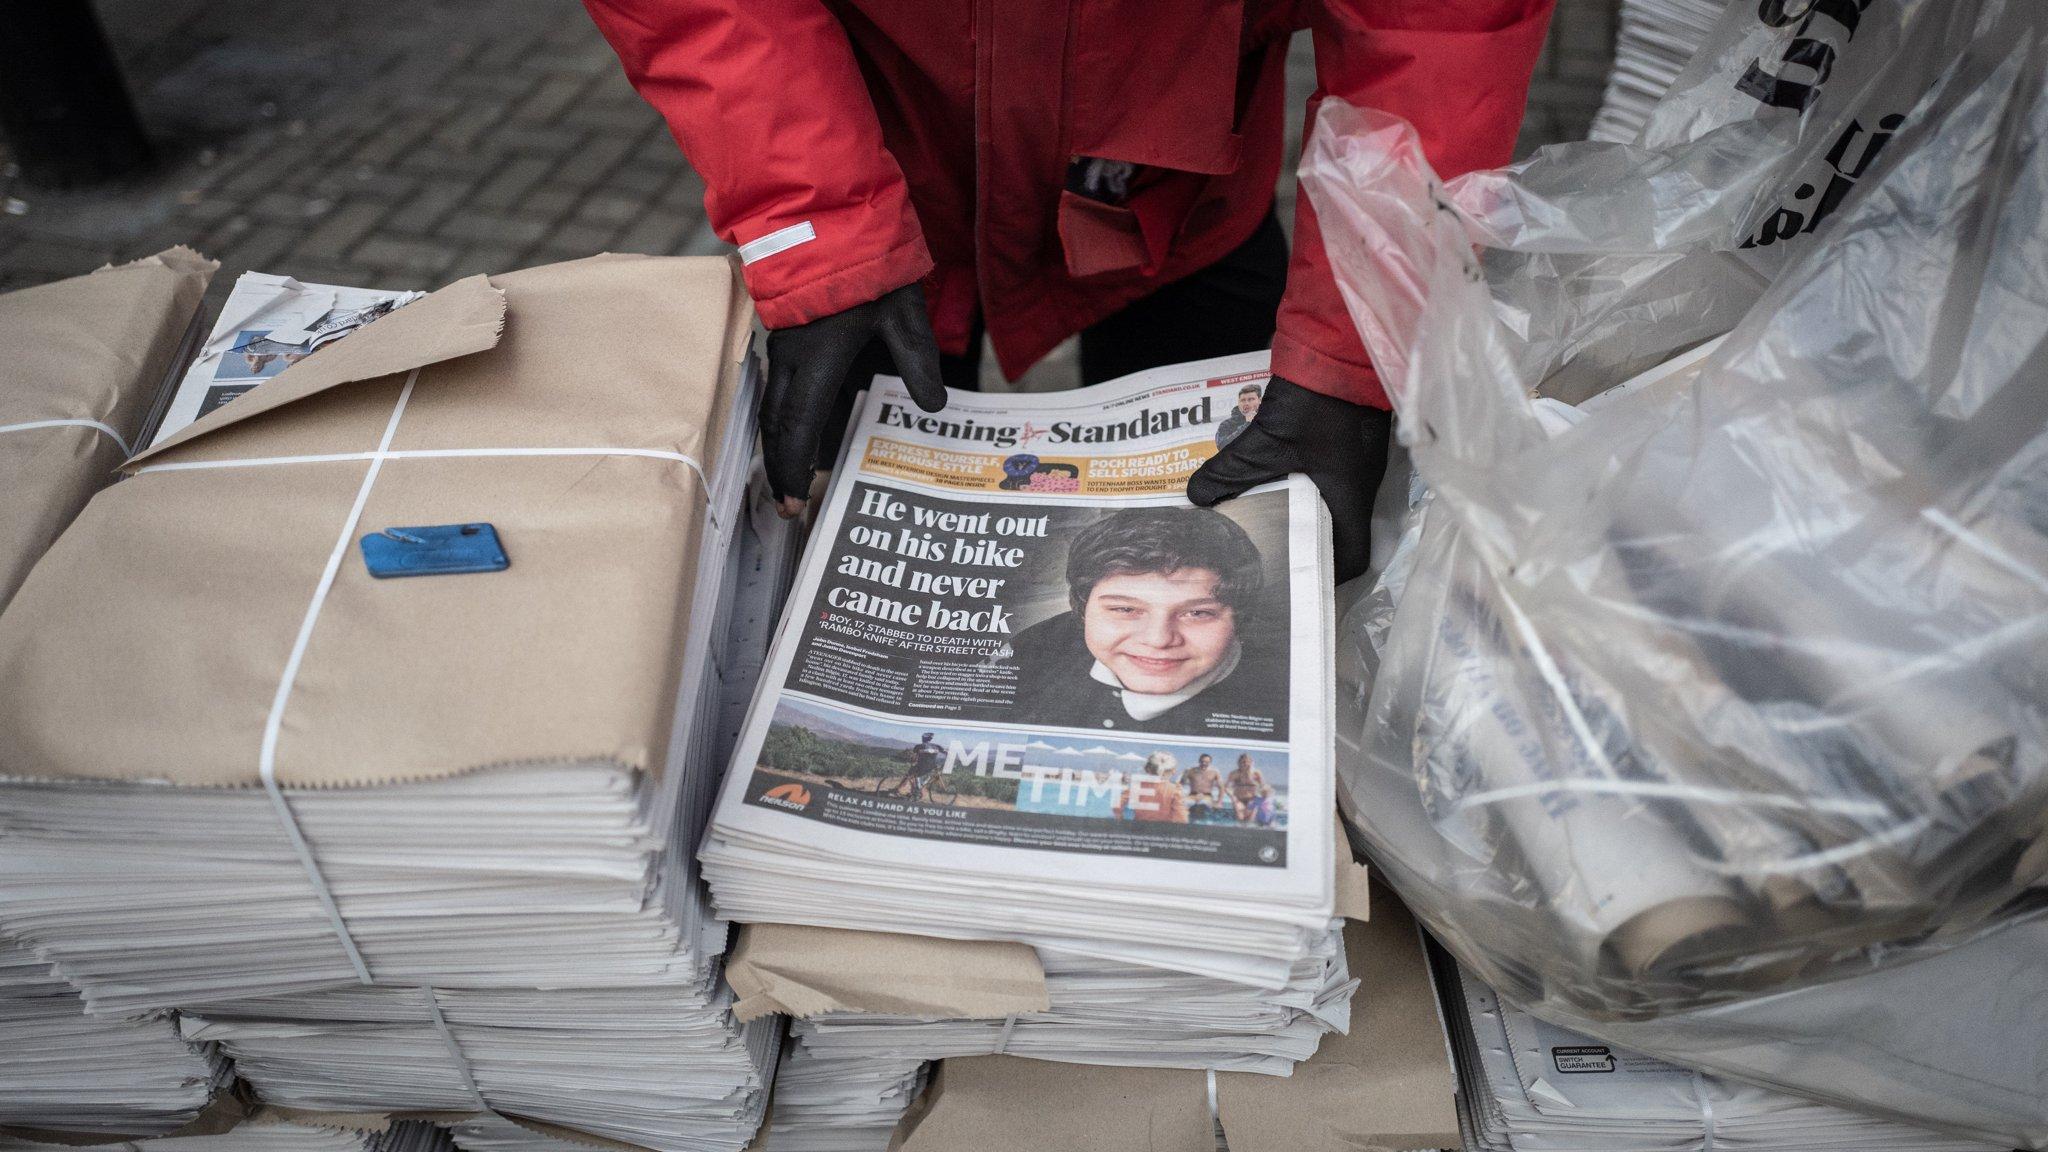 Resultado de imagen de Mystery Become a part of 20% of foreign investor Evening Standard